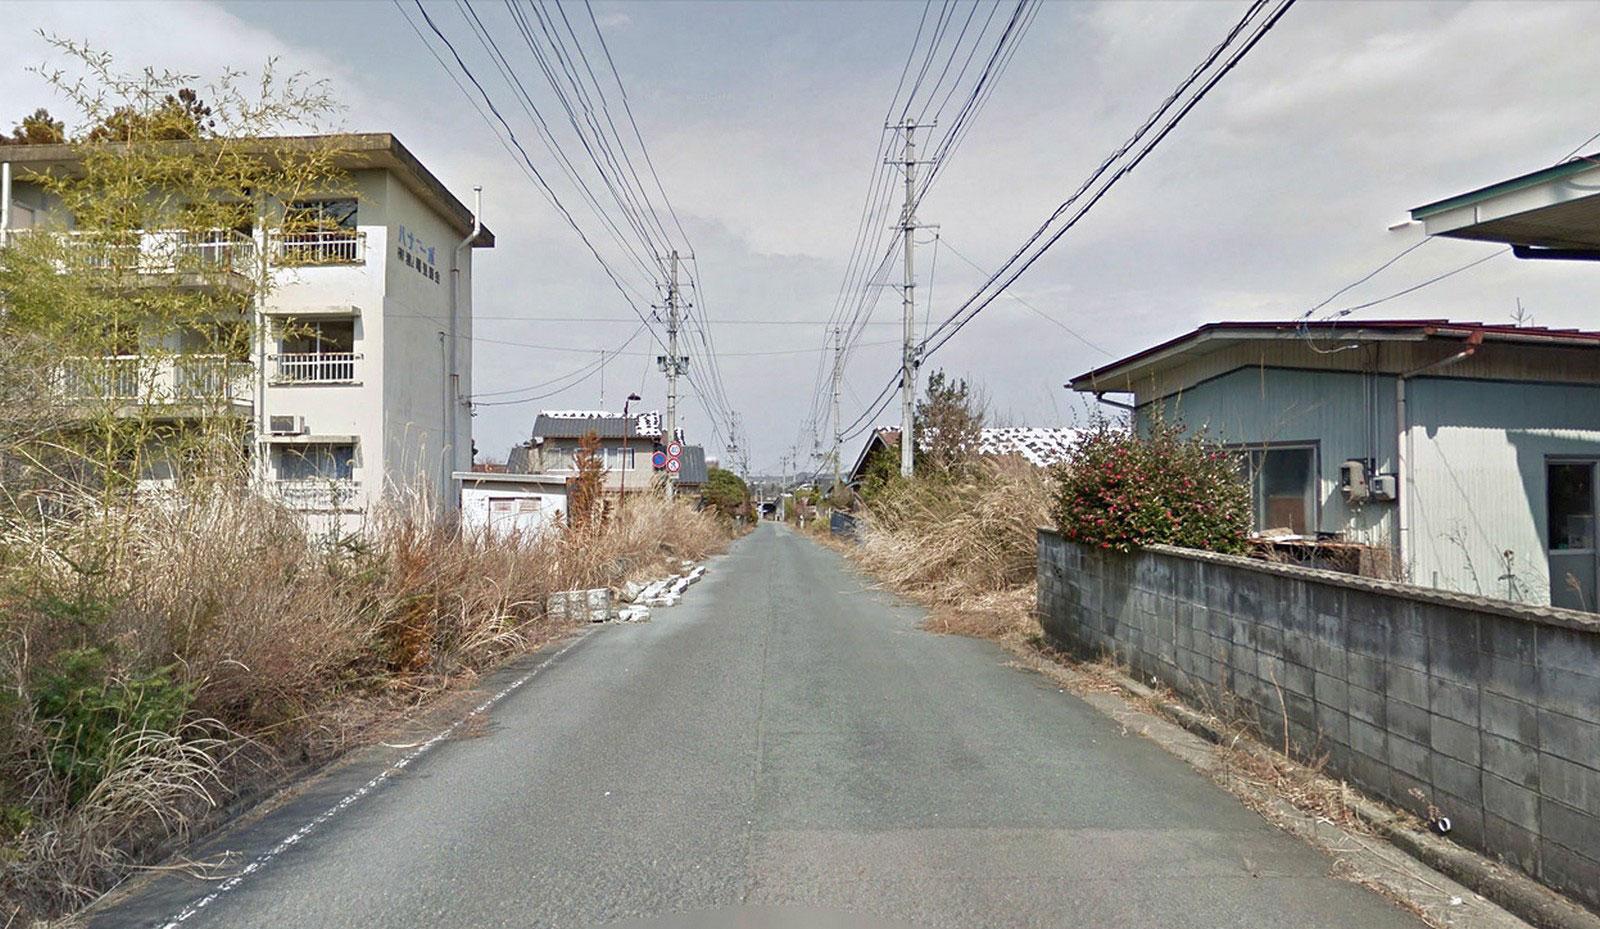 Заброшенные улицы Японии